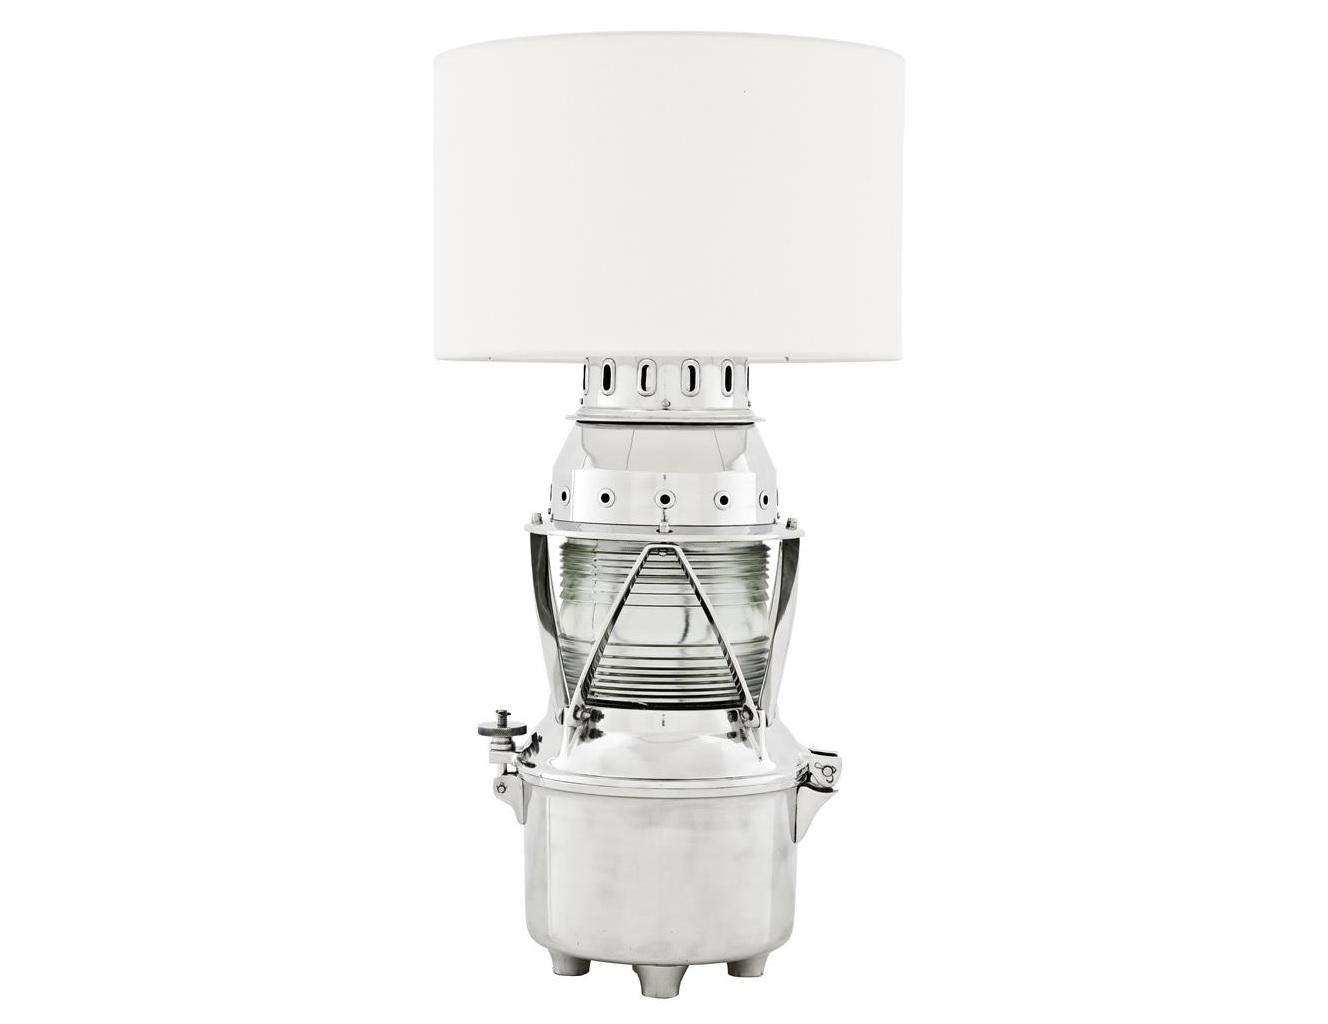 Настольная лампа Table Lamp BeaconДекоративные лампы<br>&amp;lt;div&amp;gt;Вид цоколя: E27&amp;lt;br&amp;gt;&amp;lt;/div&amp;gt;&amp;lt;div&amp;gt;&amp;lt;div&amp;gt;Мощность: 40W&amp;lt;/div&amp;gt;&amp;lt;div&amp;gt;Количество ламп: 2 (нет в комплекте)&amp;lt;/div&amp;gt;&amp;lt;/div&amp;gt;<br><br>Material: Металл<br>Высота см: 94